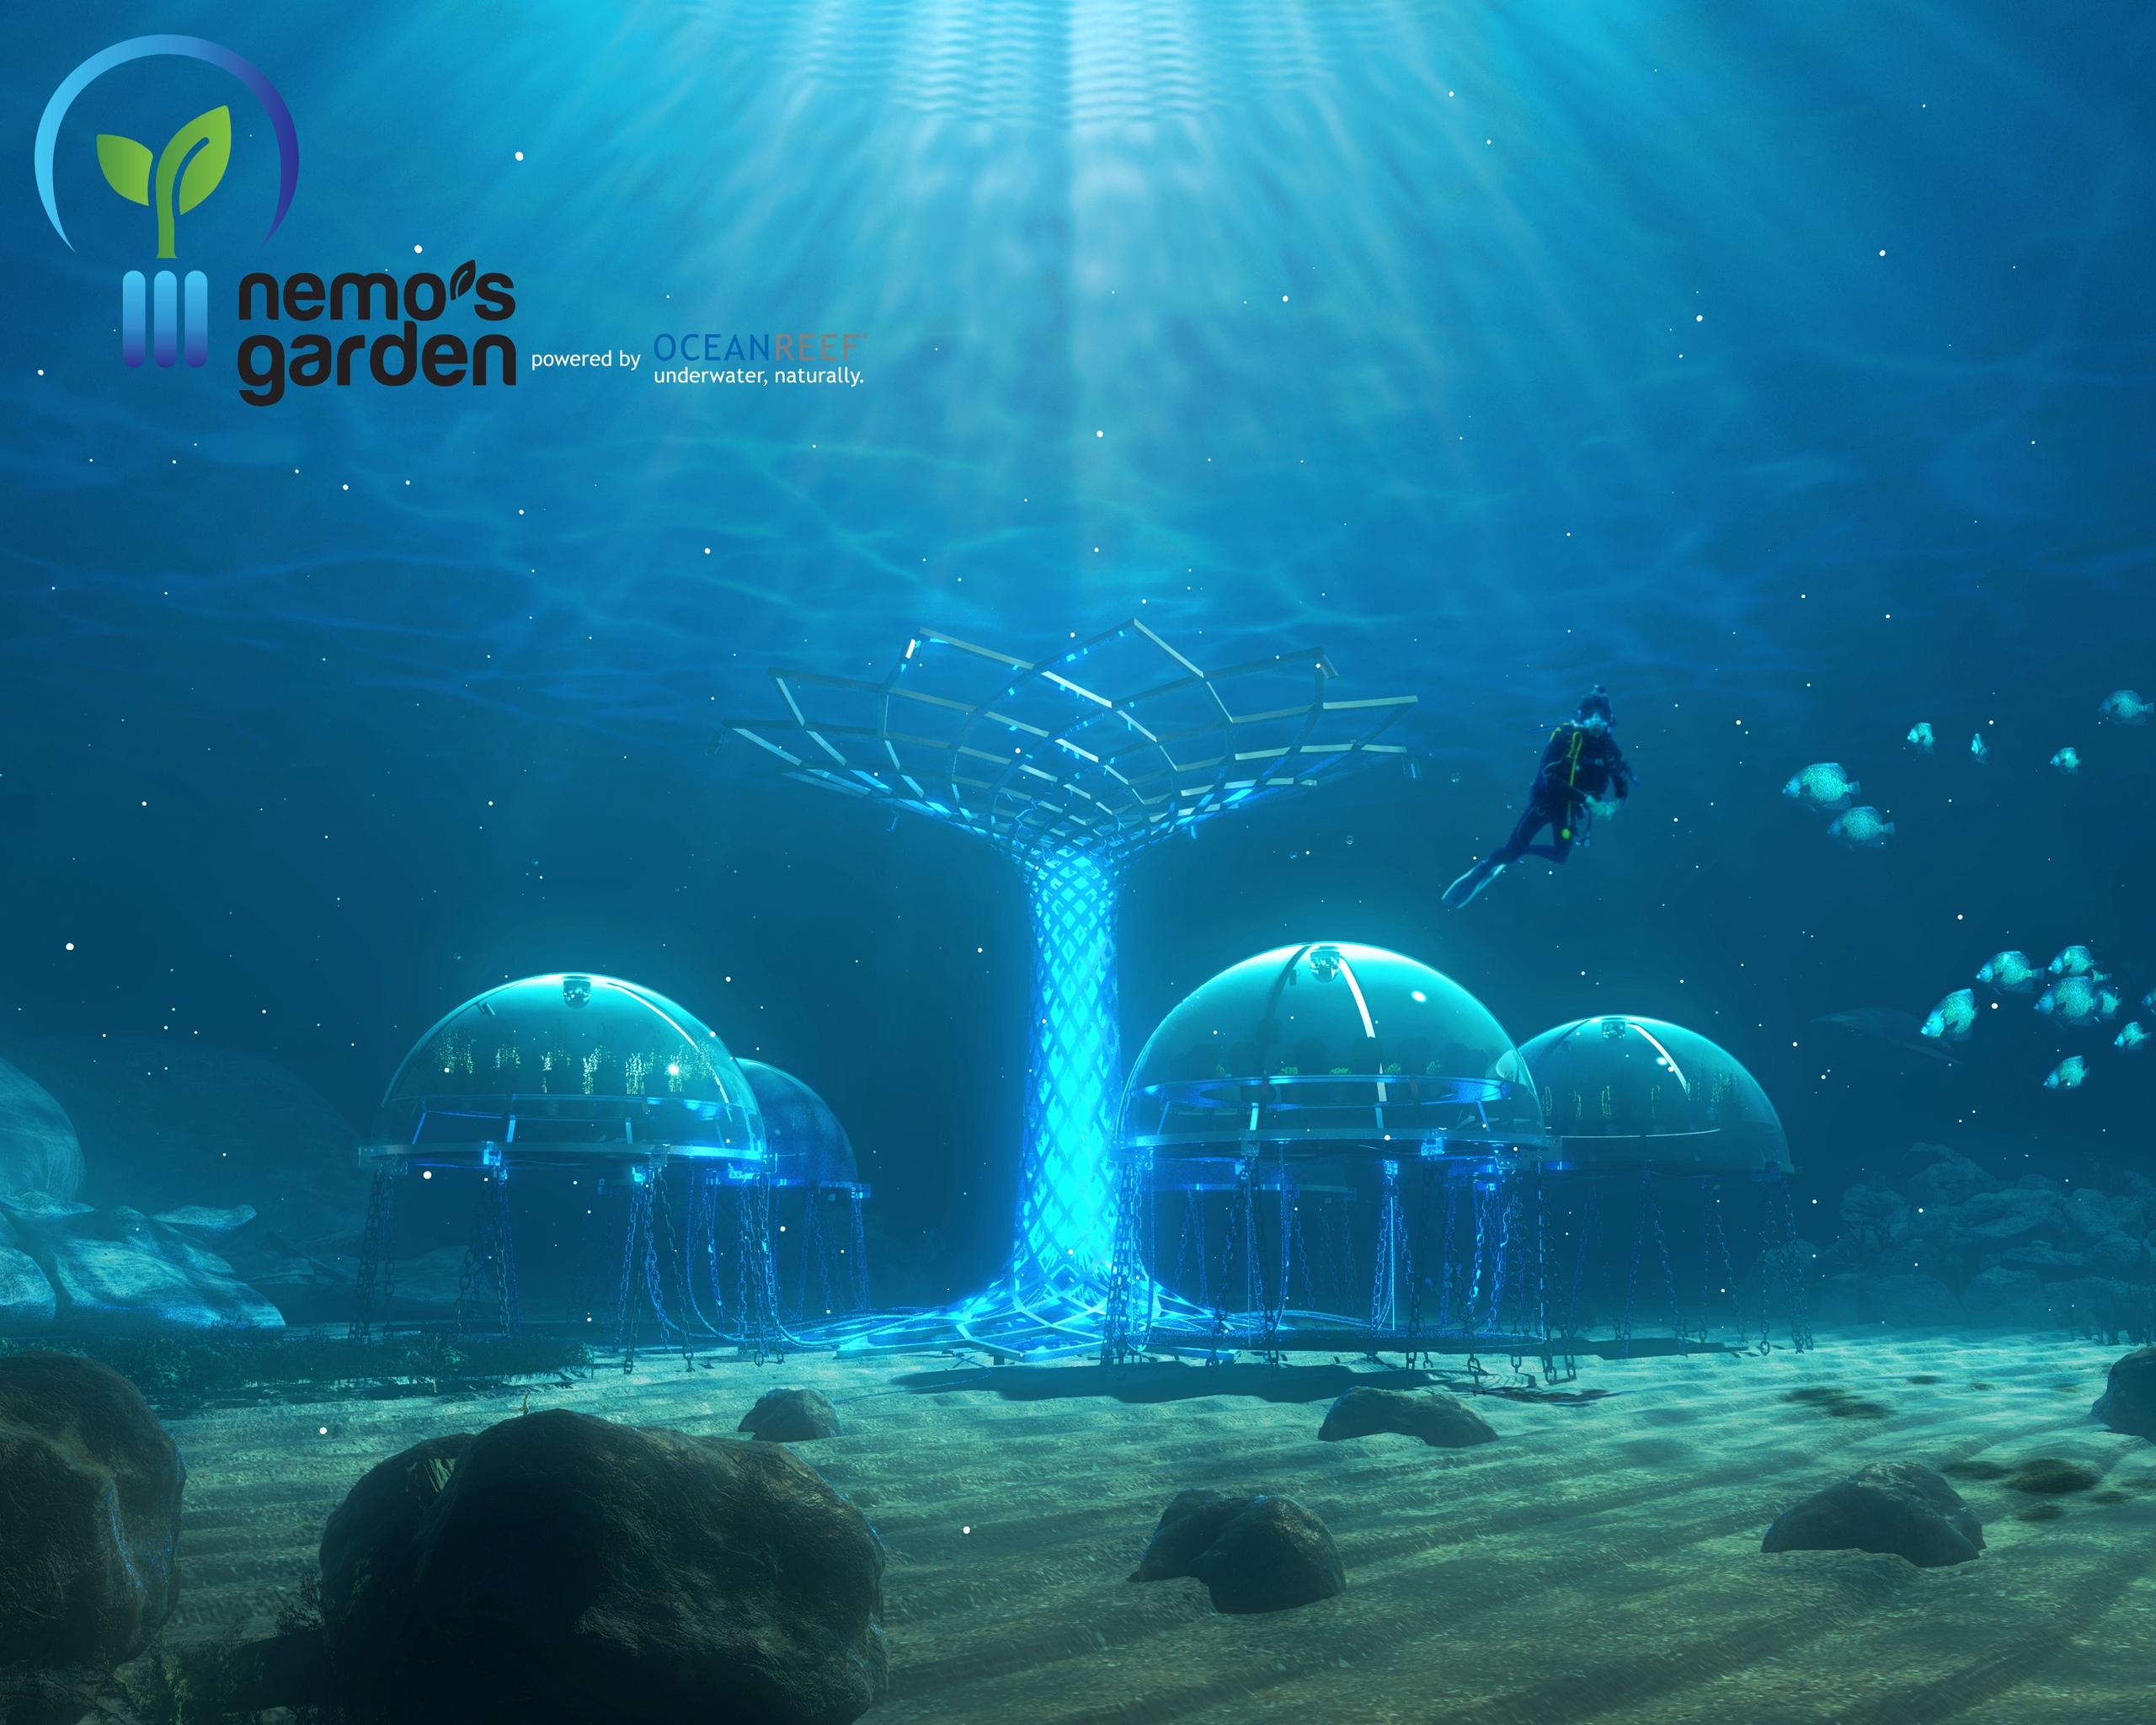 Сад Немо подводные культивации для увеличения производства продуктов питания Sergio Gemberini, генеральный директор итальянской компании Ocean Reef, создал Nemo Garden. Владелец двух компаний, занимающийся подводным плаванием в Италии и Калифорнии, во время отпуска в Ноли, придумал интересную идею выращивания растений в море. У Серхио Гамберини возникла идея сада под водой, он мечтал превратить подводное плавание в более интерактивную деятельность. Его первоначальный план состоял в том, чтобы закрепить шар гибкого материала, содержащий вазу с заводом до морского дна. К его удивлению, завод не умер и вырос. Следующим шагом было применить тот же метод, используя семена, которые прорастали в течение 36 часов. На участке площадью 15 м2 в настоящее время имеется семь биосфер, каждая из которых имеет размер комнаты. В каждой сфере насчитывается около 60 растений, питаемых гидропонными инструментами иорошаемых гравитационными системами. Это базилик, чеснок, редис, капуста и клубника, просто чтобы привести некоторые примеры. Специалисты по дайвингу склонны утверждать, что эти растения не будут иметь тех же характеристик, что и на земле. Sergio Gemberini утверждает, что «море самодостаточное, свободный инкубатор». В заливе Ноли Noli температура воды довольно стабильна и, следовательно, предлагает растениям постоянный тепловое питание. Со своей стороны, вода моря действует как фильтр, увлажняя растительный покров. В результате растения, выращиваемые под водой, являются более здоровыми и более качественными. Аромат и вкус более интенсивны, чем у растений, выращенных на Земле. Биосферы - идеальные теплицы, так как никакие паразиты не могут их достичь. Поэтому отпадает необходимость в пестицидах или других химических веществах. Естественное испарение обеспечивает испарение пресной воды внутри сфер, позволяет систематически орошать растения. Кроме того, эксперименты показали, что эти растения растут быстрее, чем их терригенные коллеги. Серхио Гамберини работает с экспертами в обл